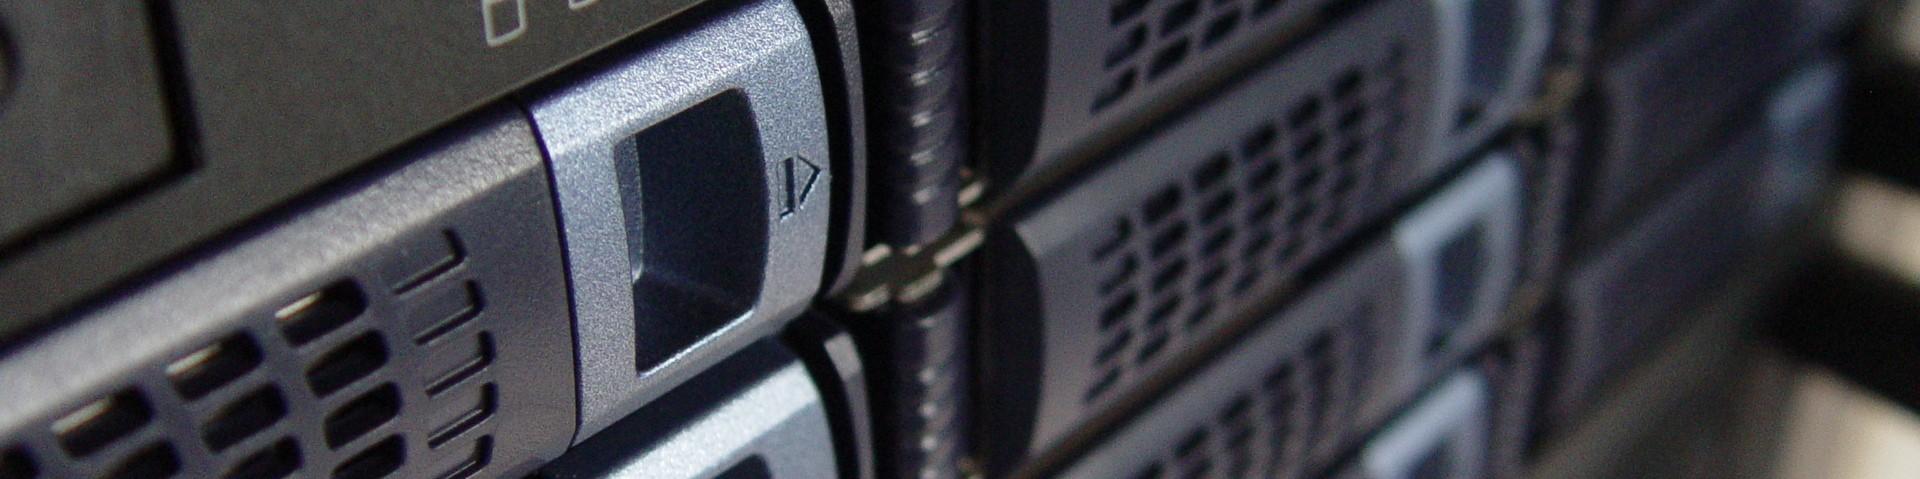 Maintenance de serveur, vente de matériel informatique